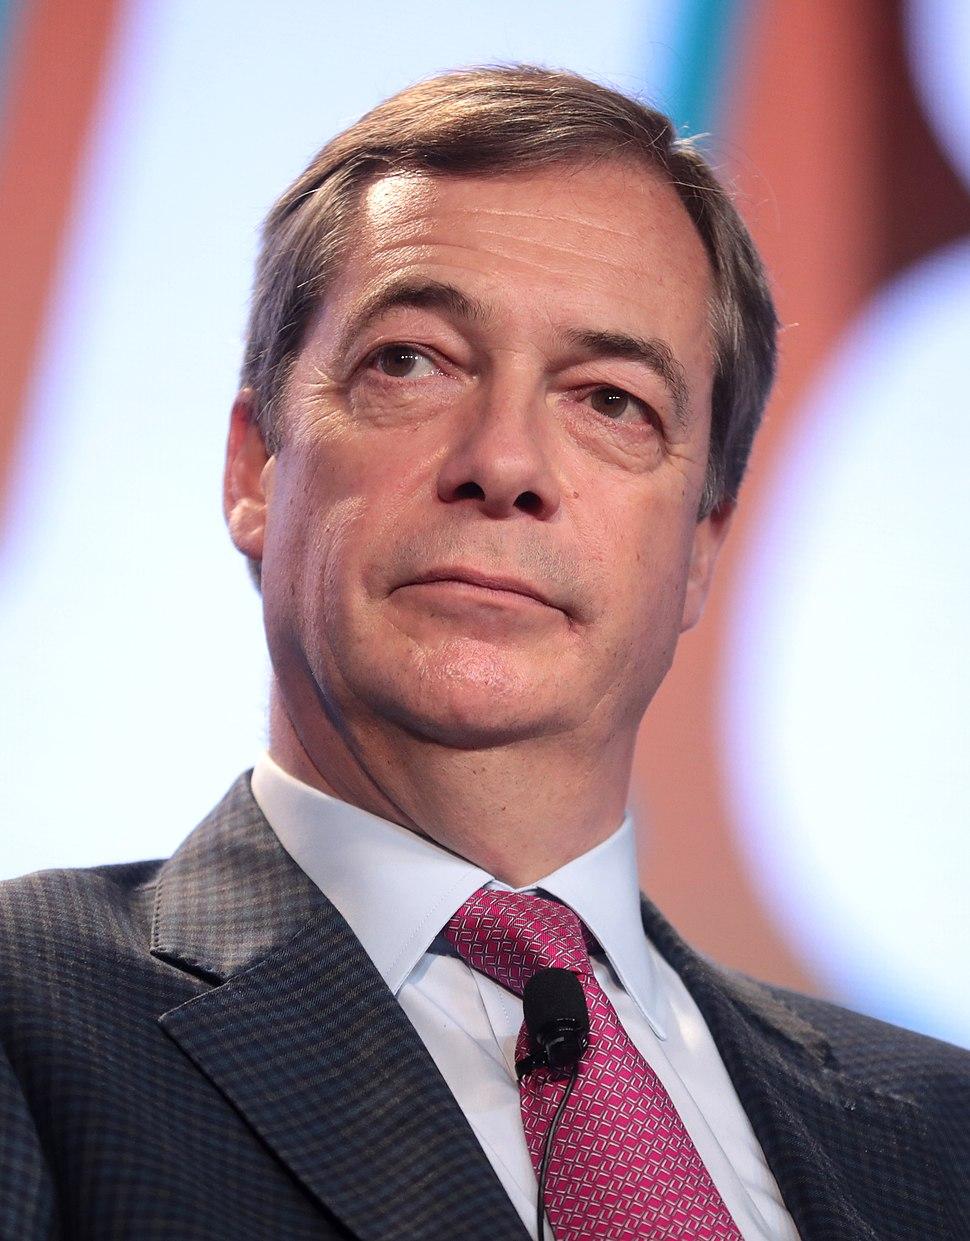 Nigel Farage (45718080574) (cropped)